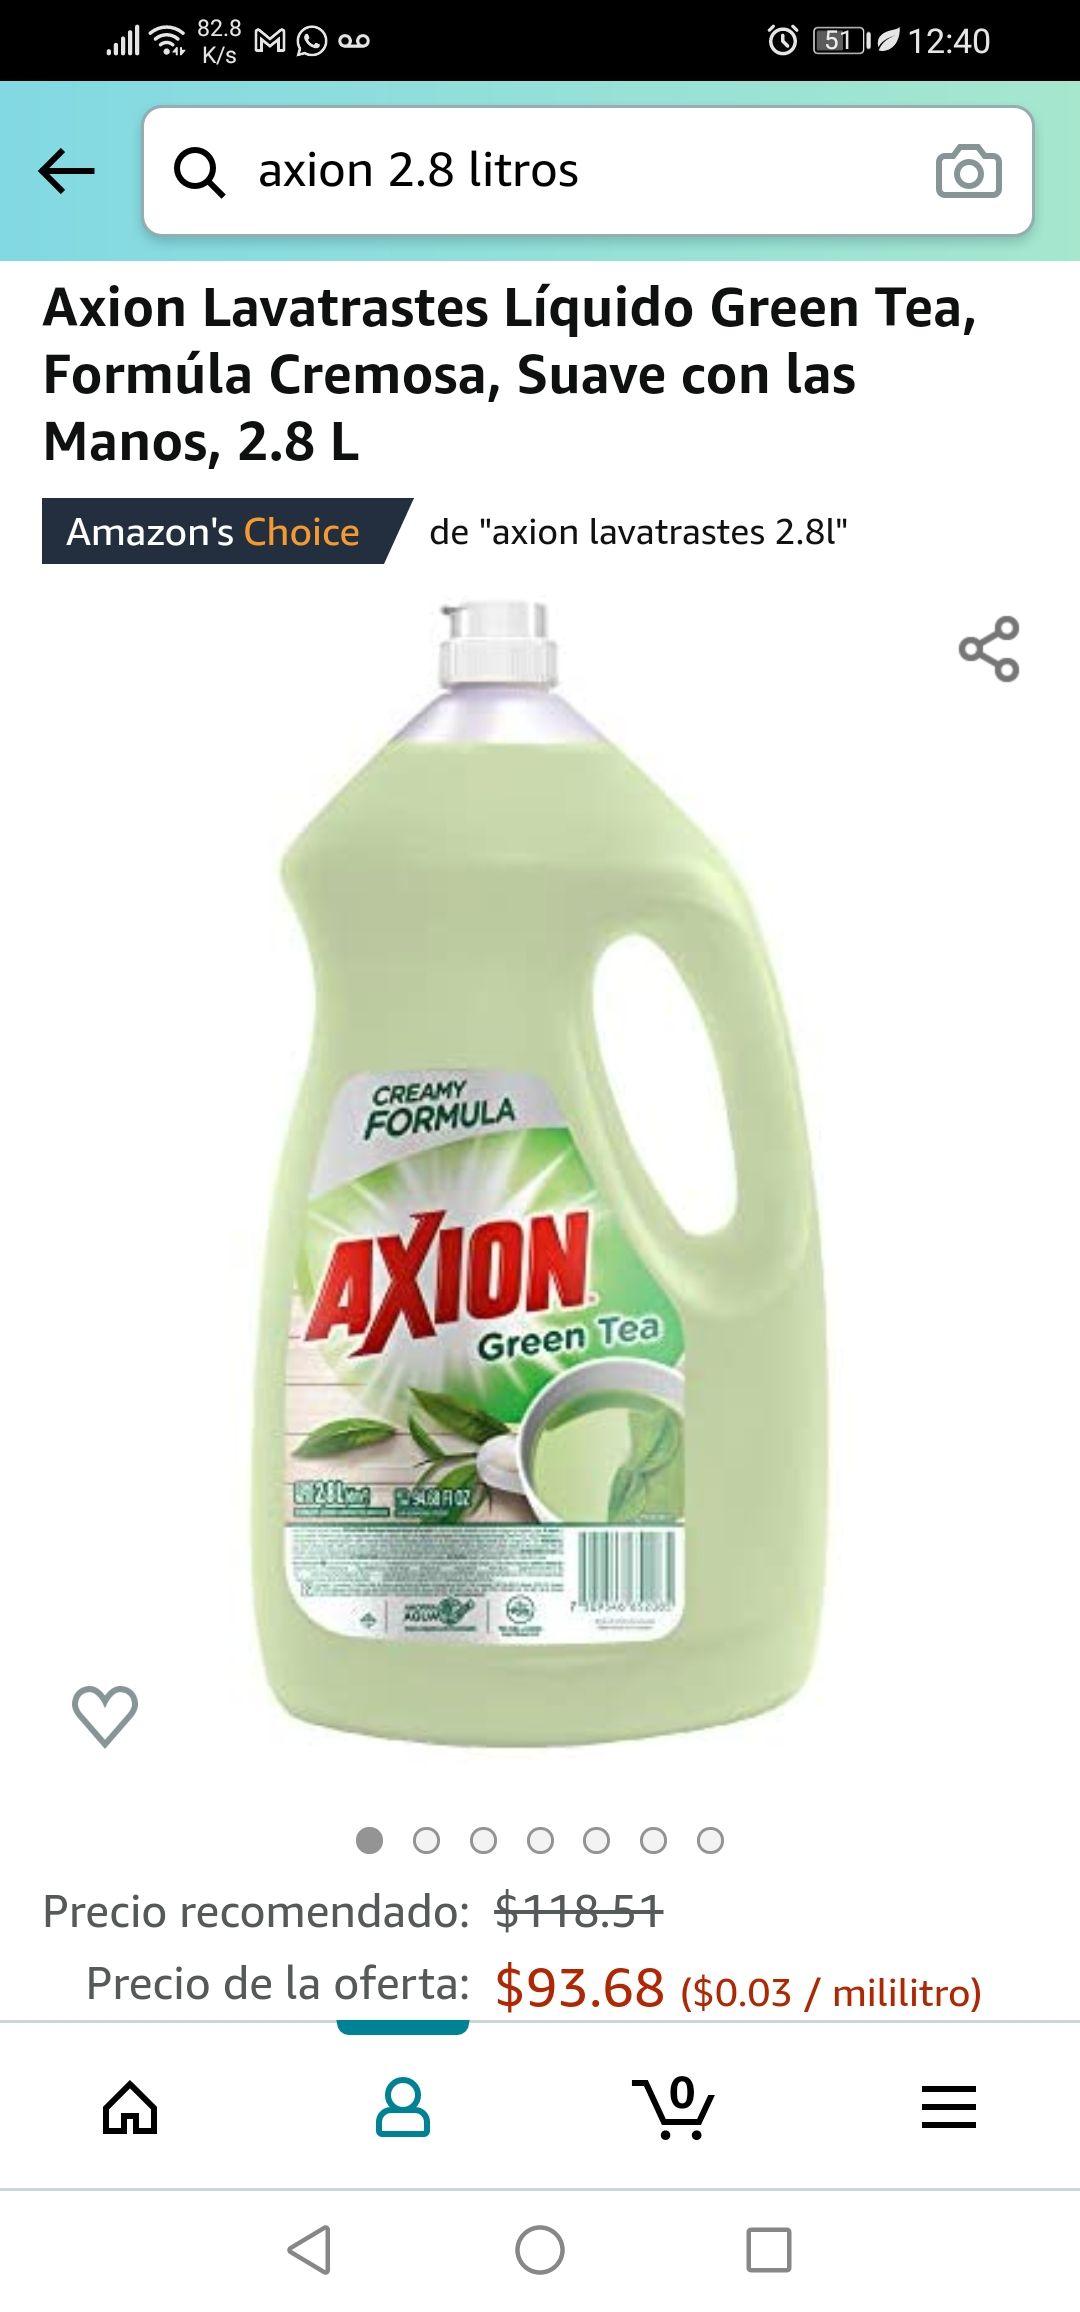 Amazon: Axion Lavatrastes Líquido Green Tea, Formúla Cremosa, Suave con las Manos, 2.8 L (